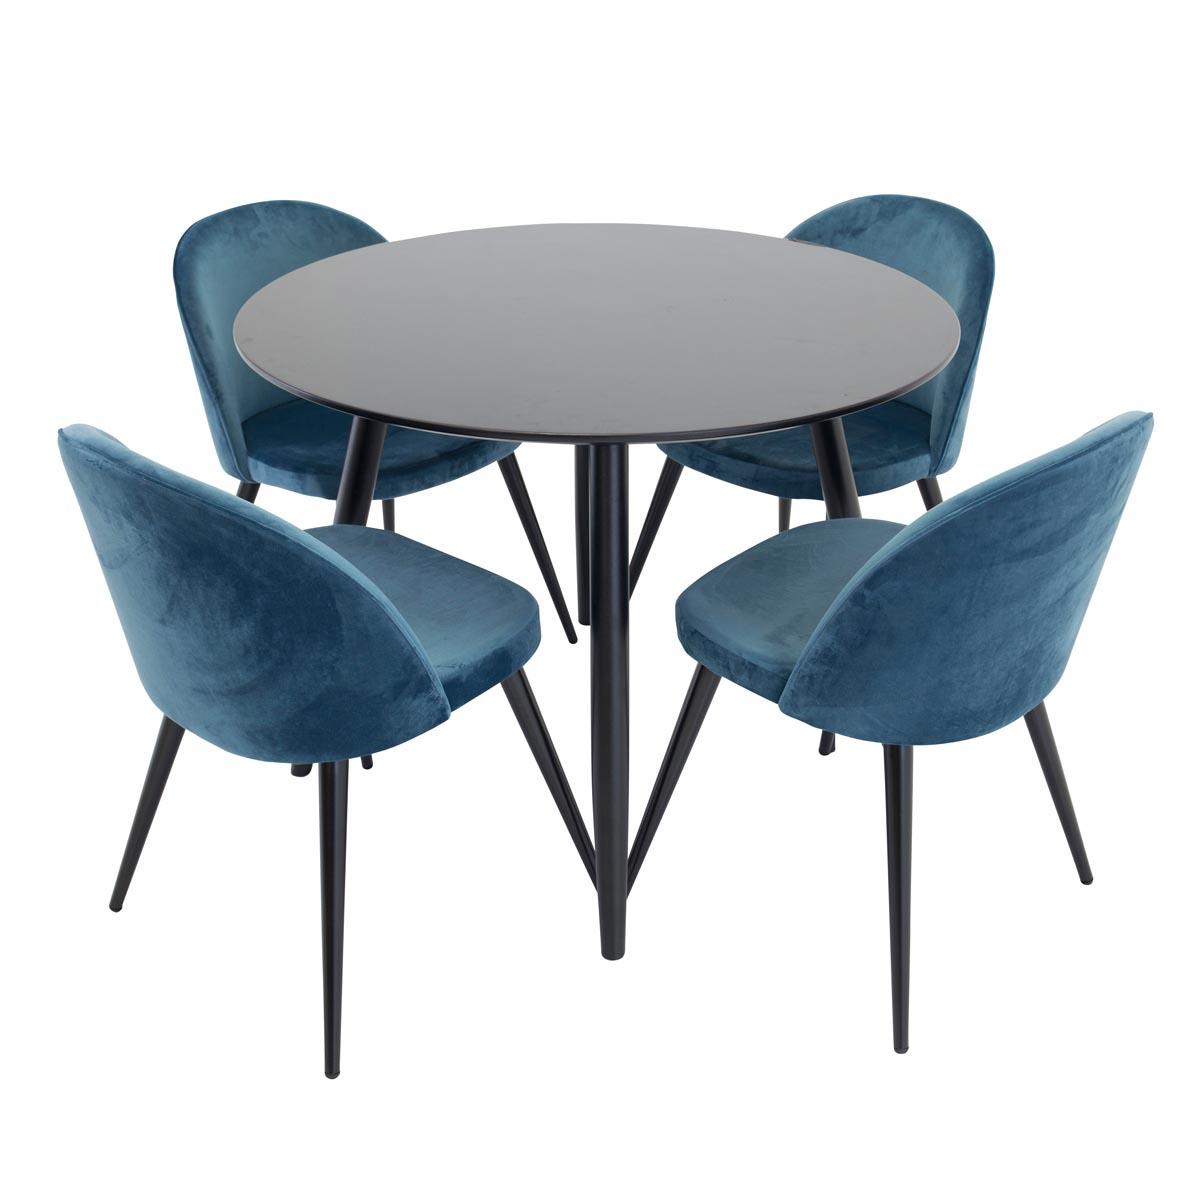 plaza-bord-svart+velvet-blå-sammet-17940-488+19924-887